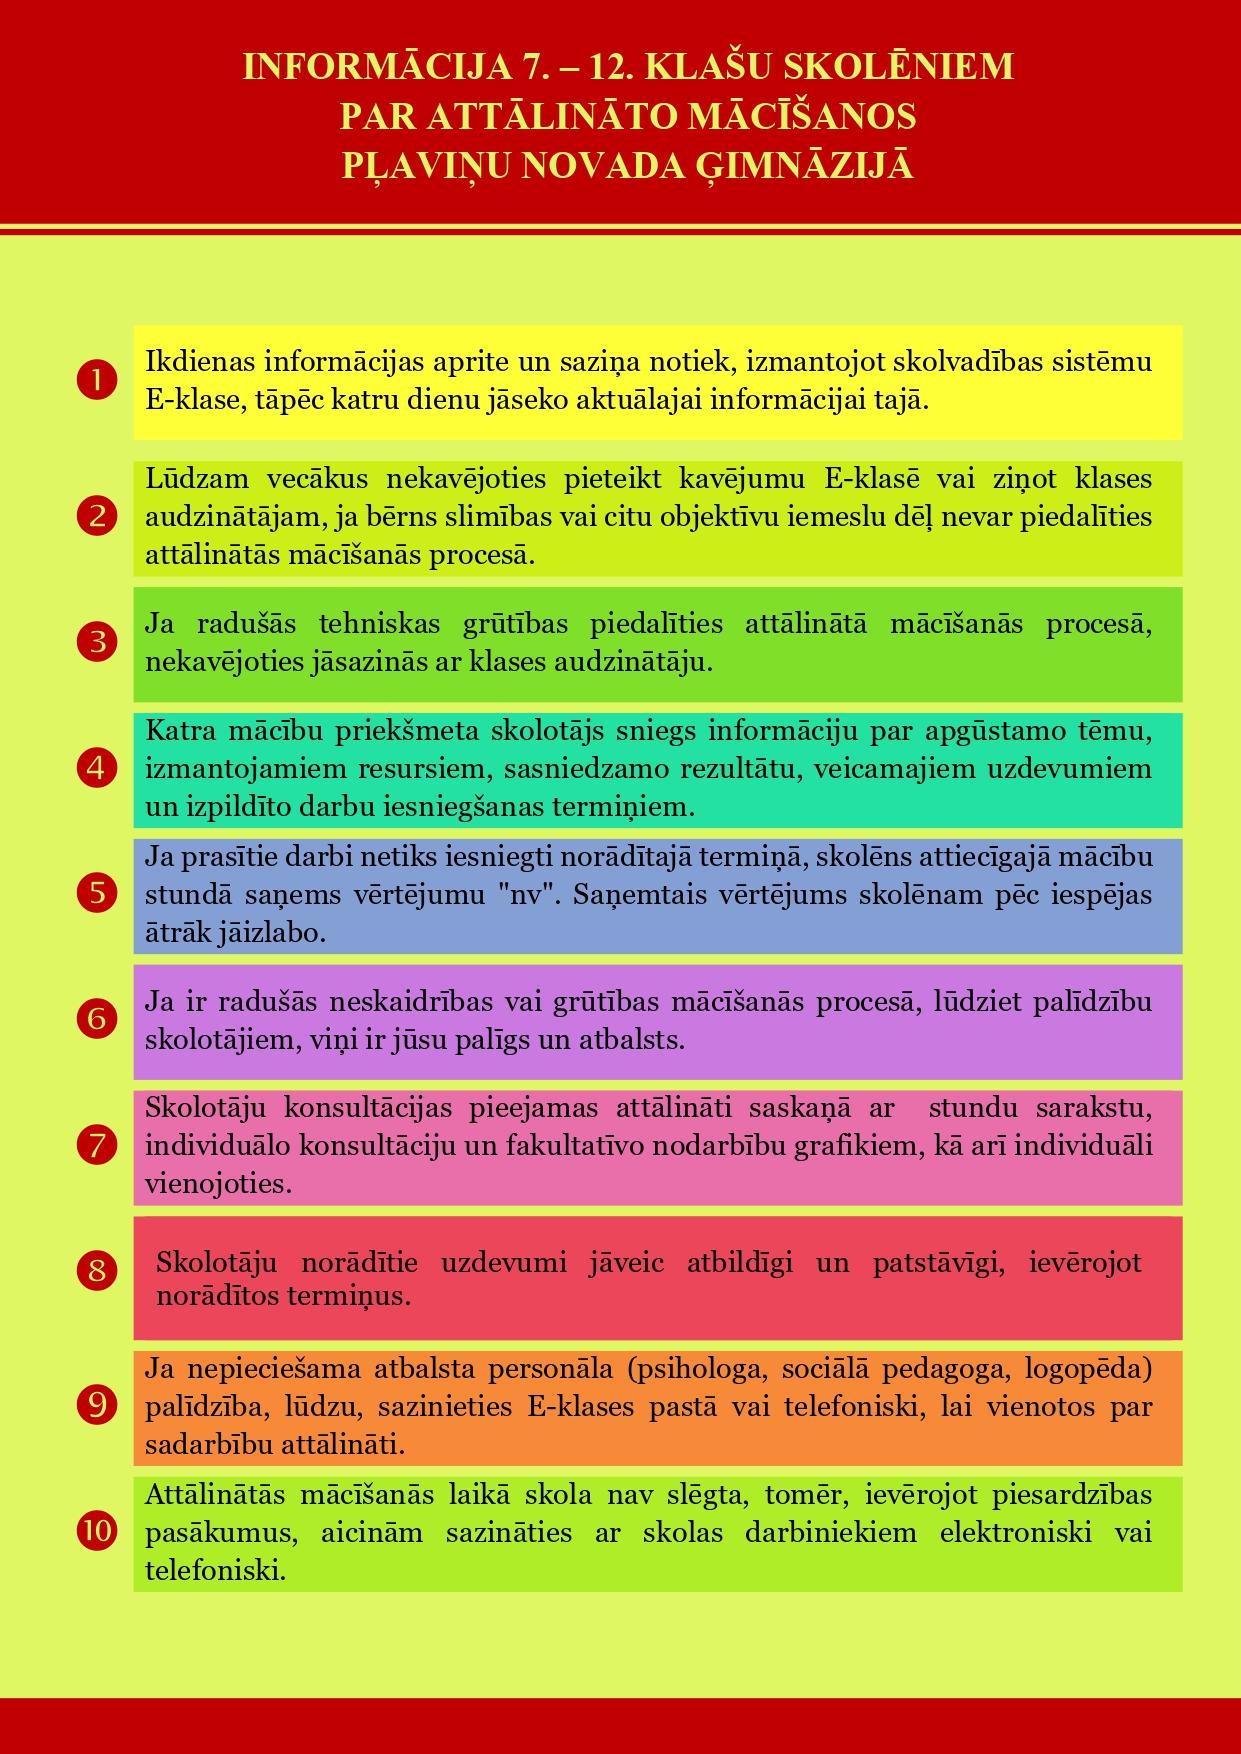 attalinatas-macibas-7-12-kl